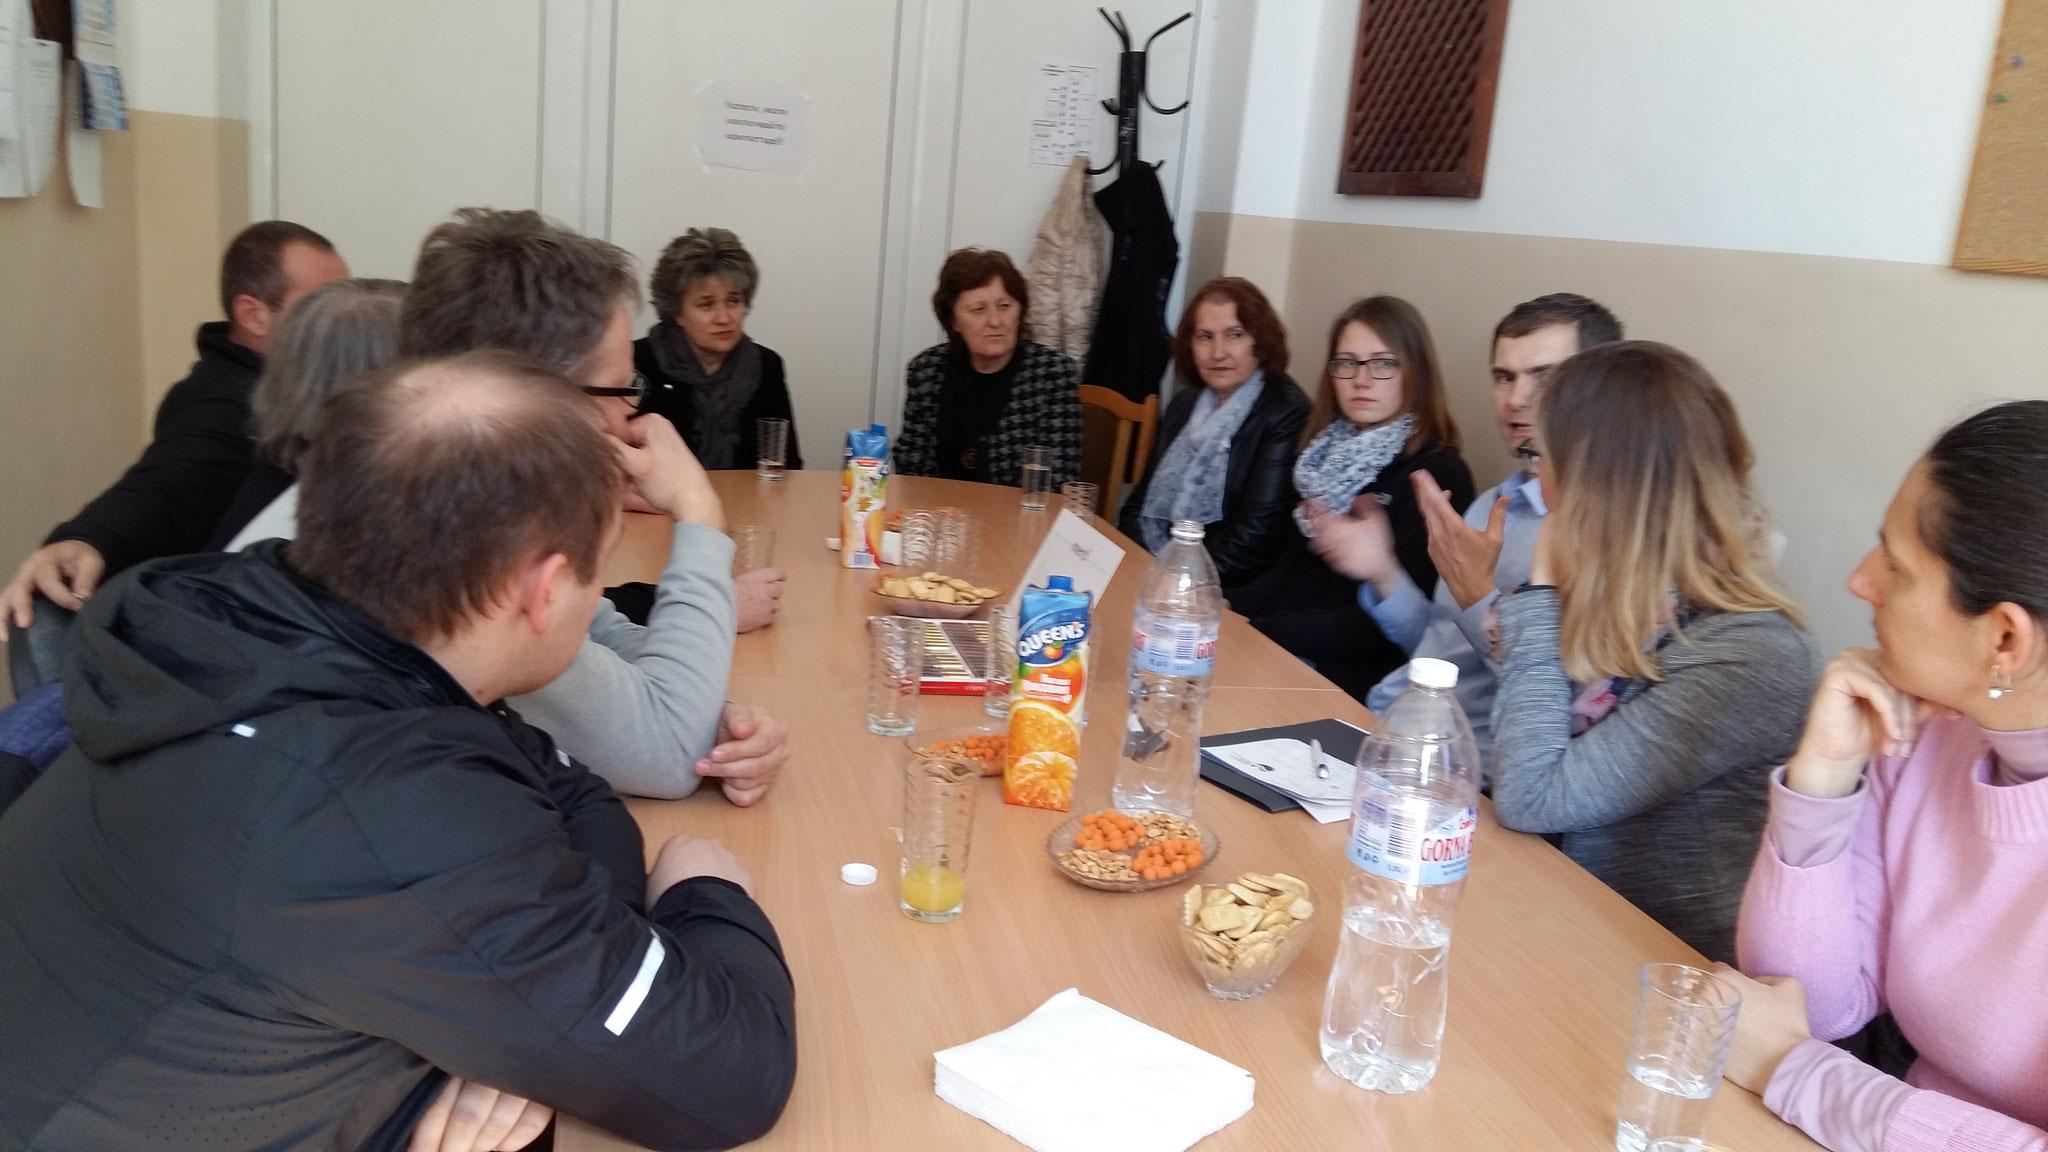 Das Kollegium einer Schule in Elin Pelin, einer Nachbargemeinde von Sofia, Bulgarien ist sehr engagiert beim Klimaschutz dabei.